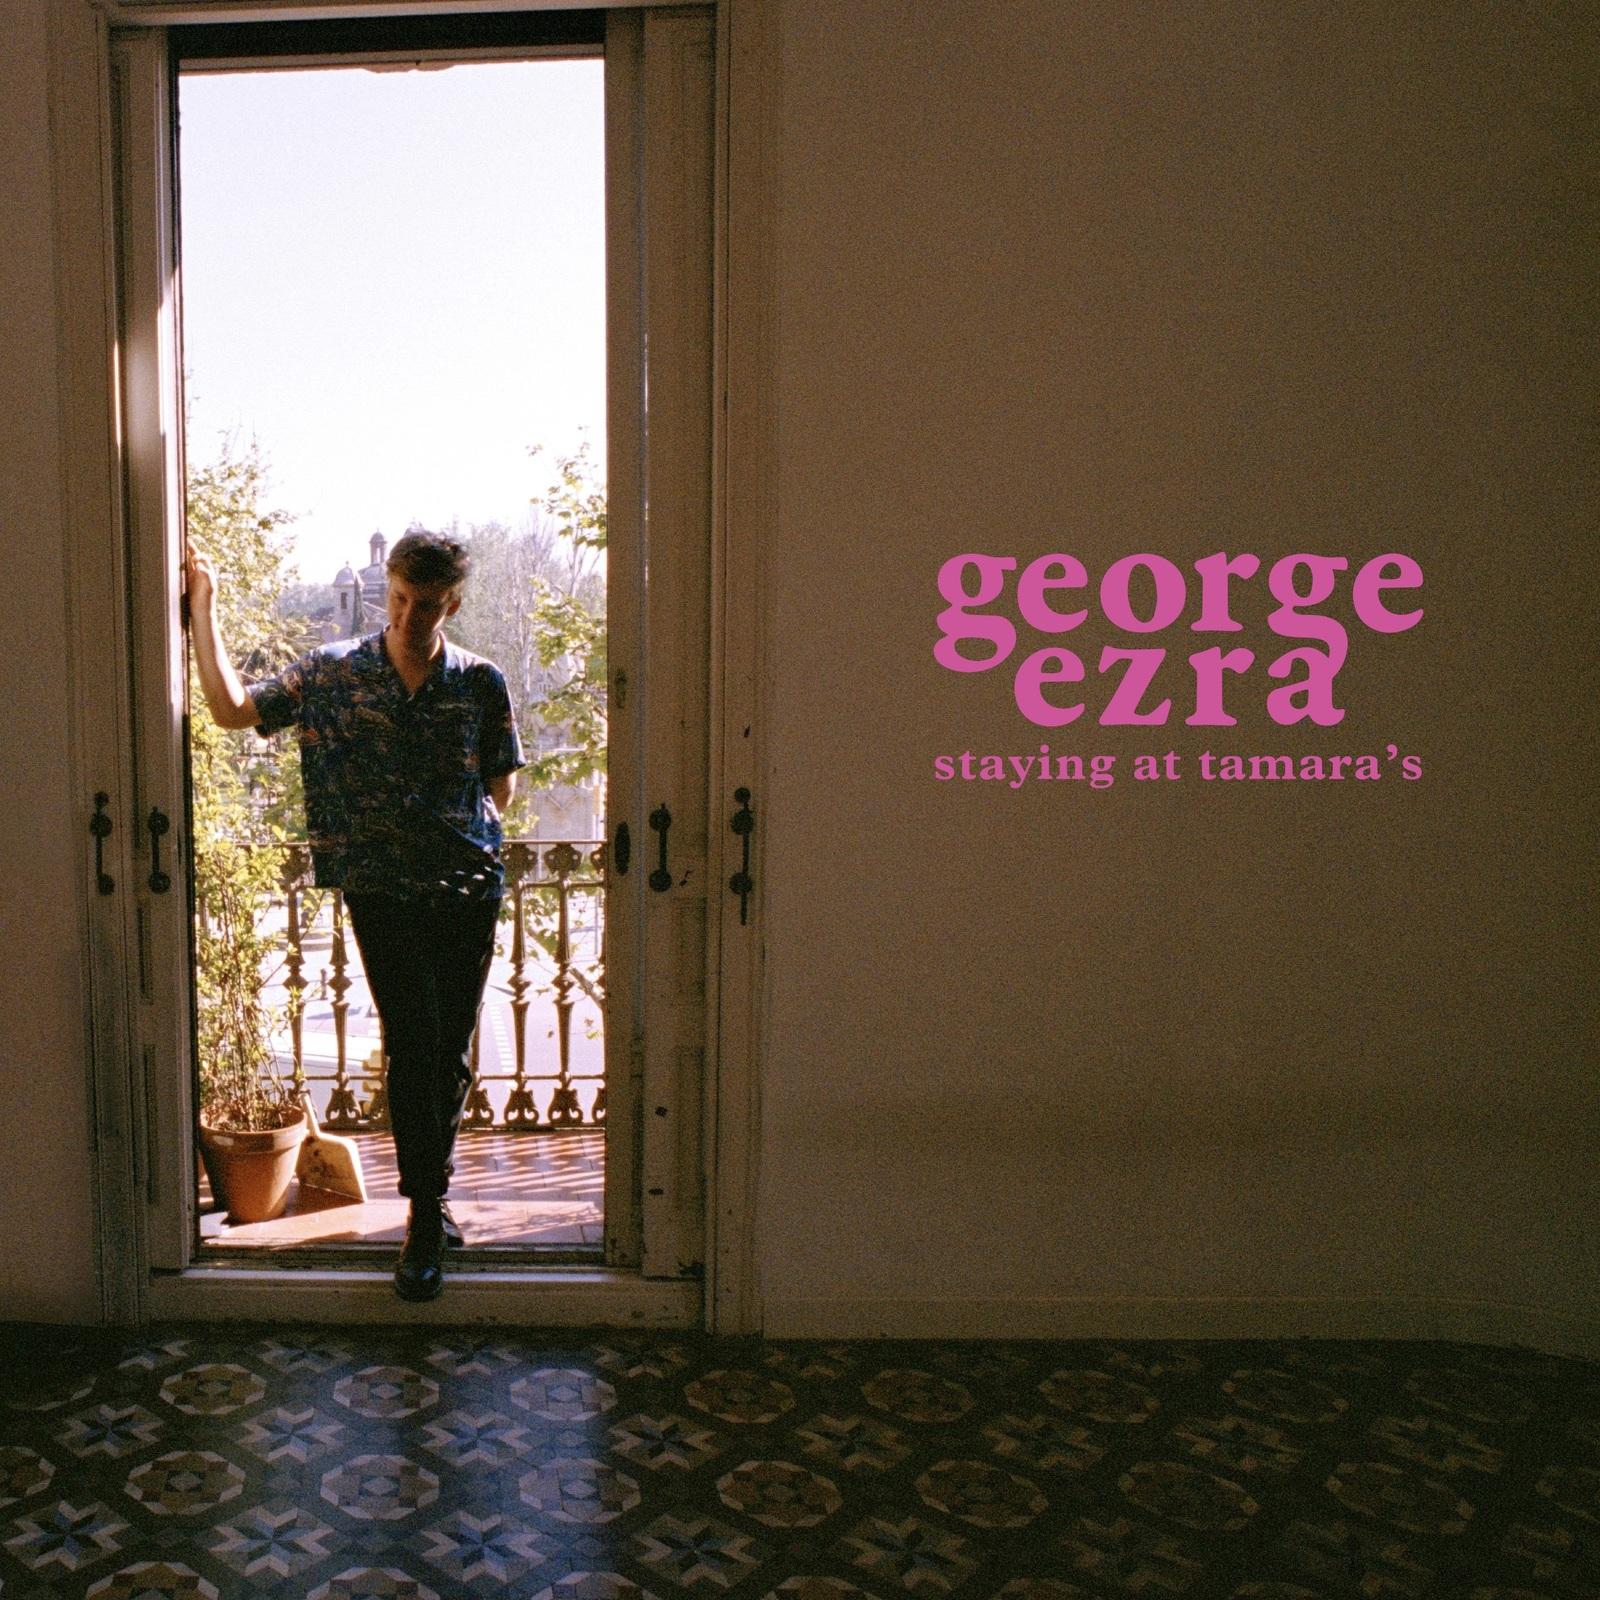 Staying At Tamara's by George Ezra image